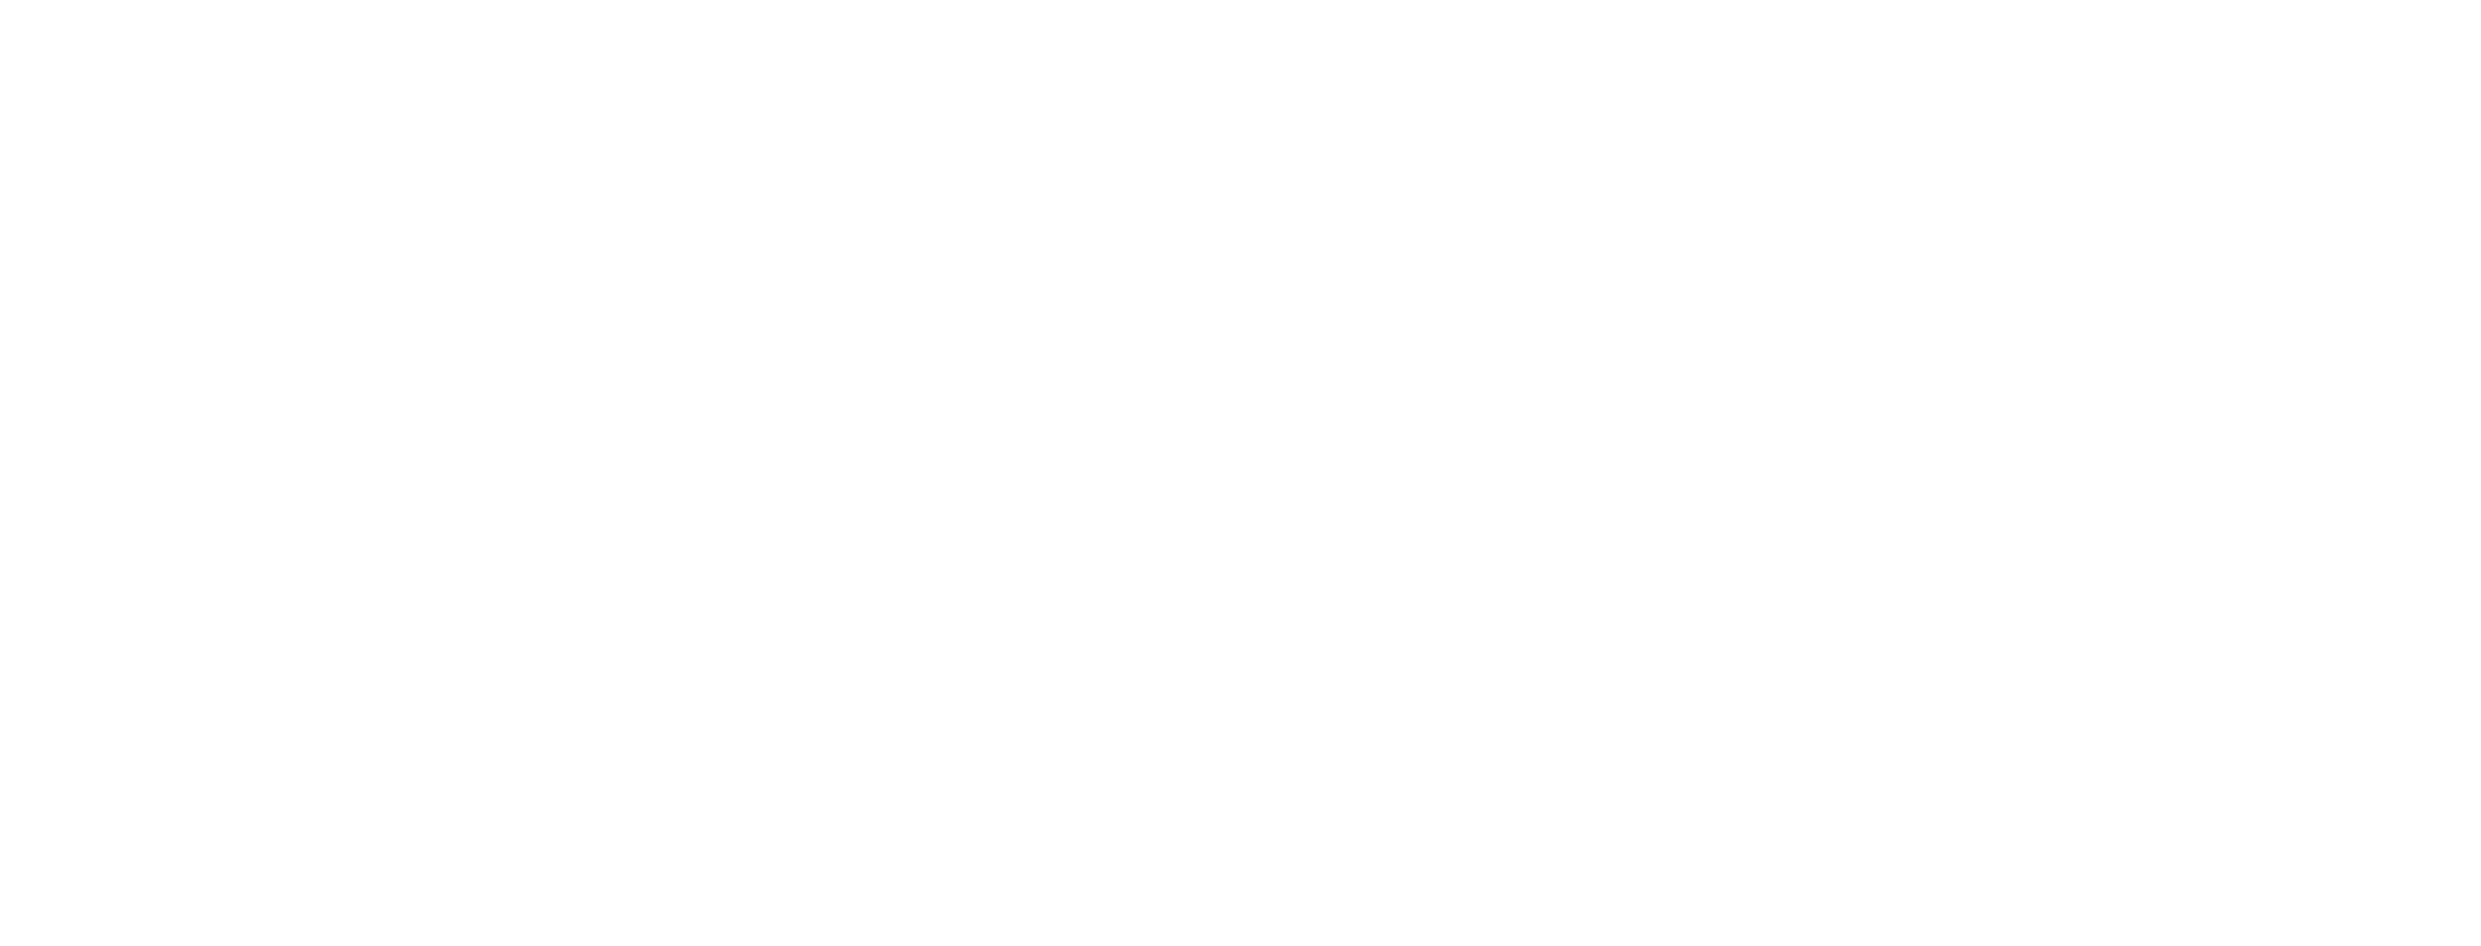 digitalswitzerland_unterlogo_leap_weiss-1